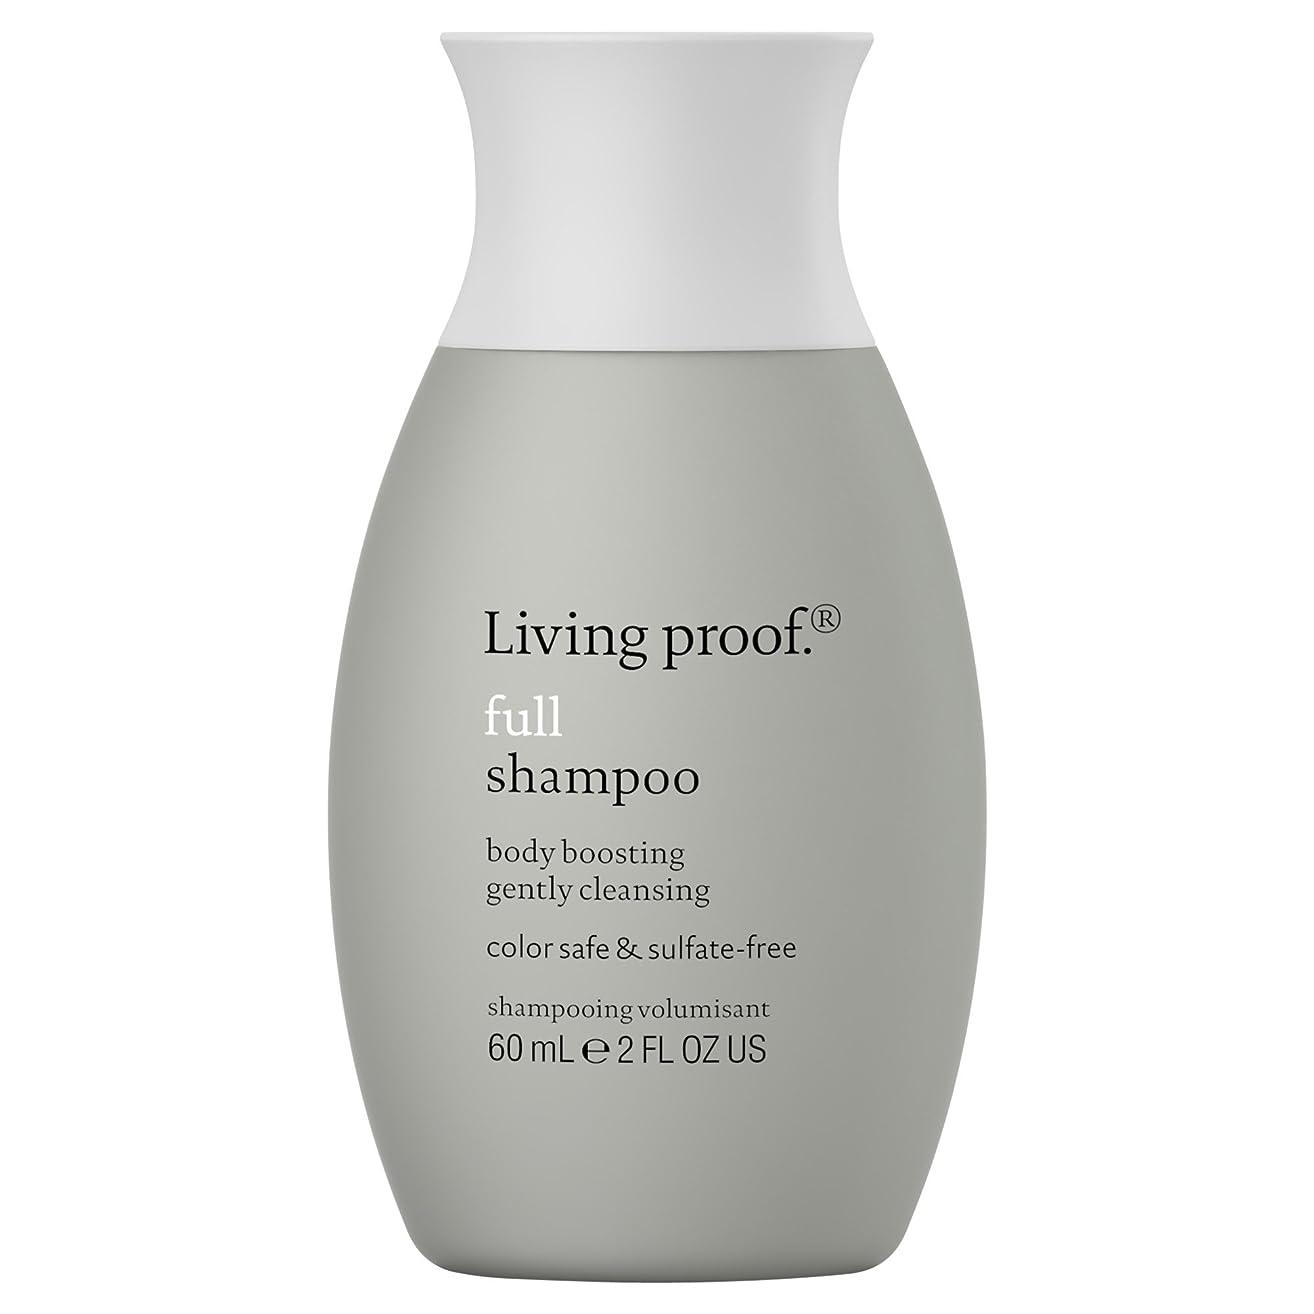 付与舗装カポック生きている証拠フルシャンプー60ミリリットル (Living Proof) - Living Proof Full Shampoo 60ml [並行輸入品]